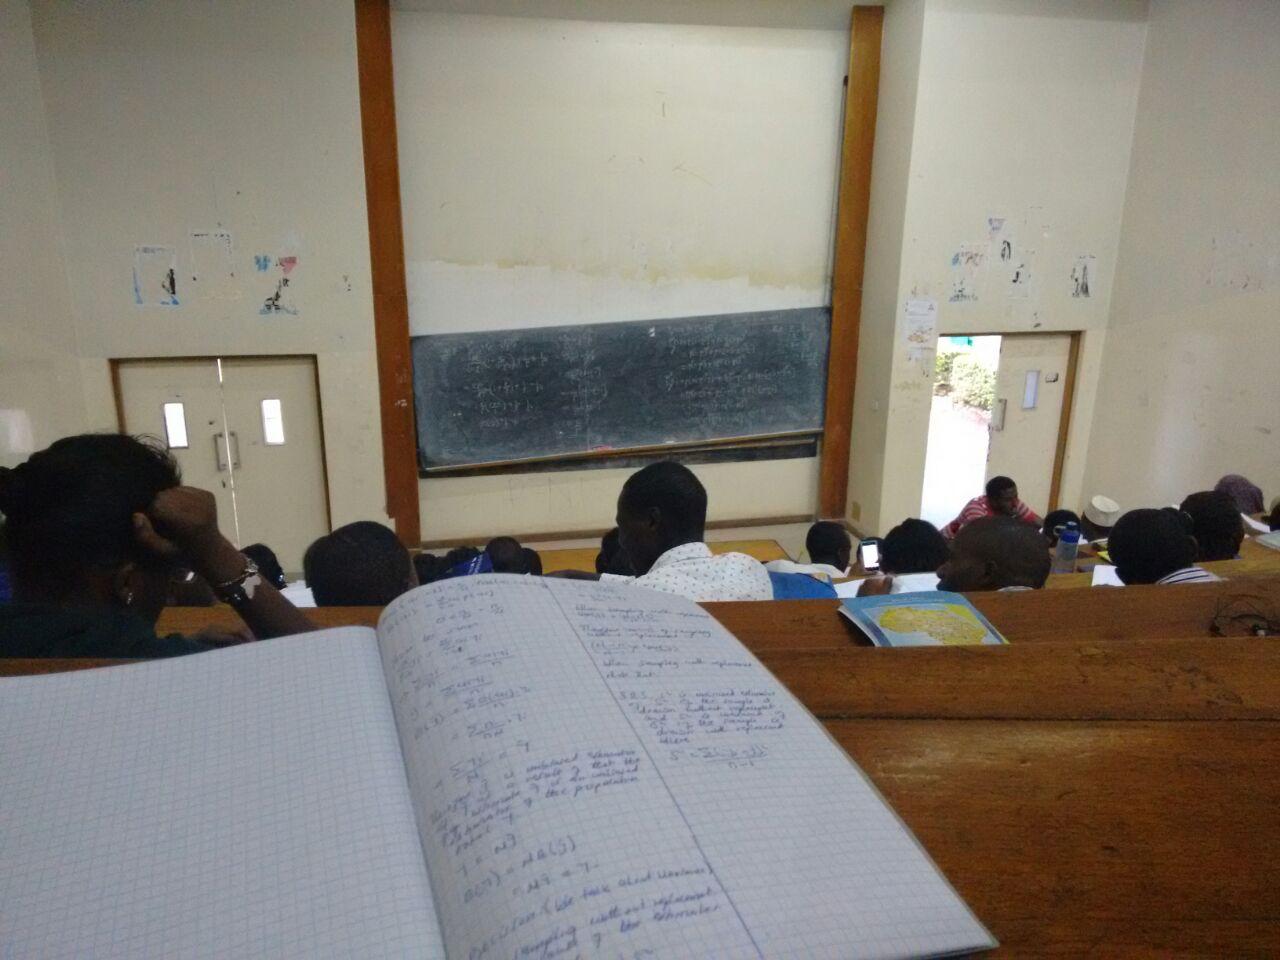 UniversityLecture-1.jpg